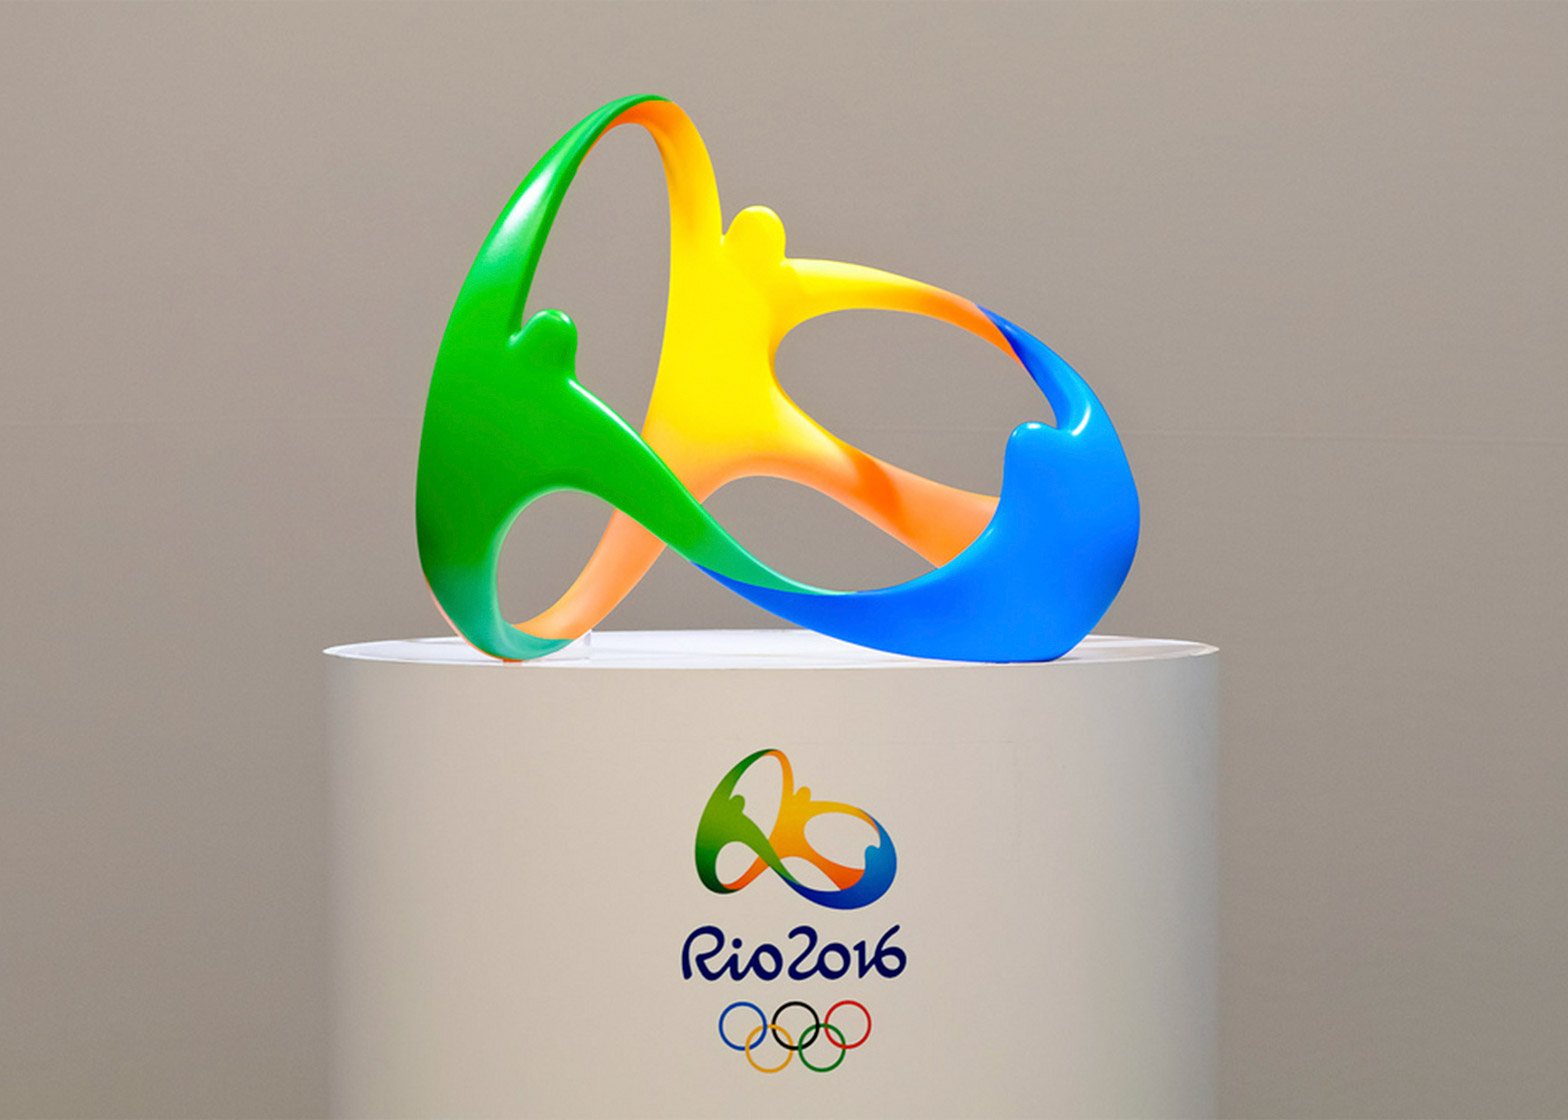 Rio 2016 logo by Tatil